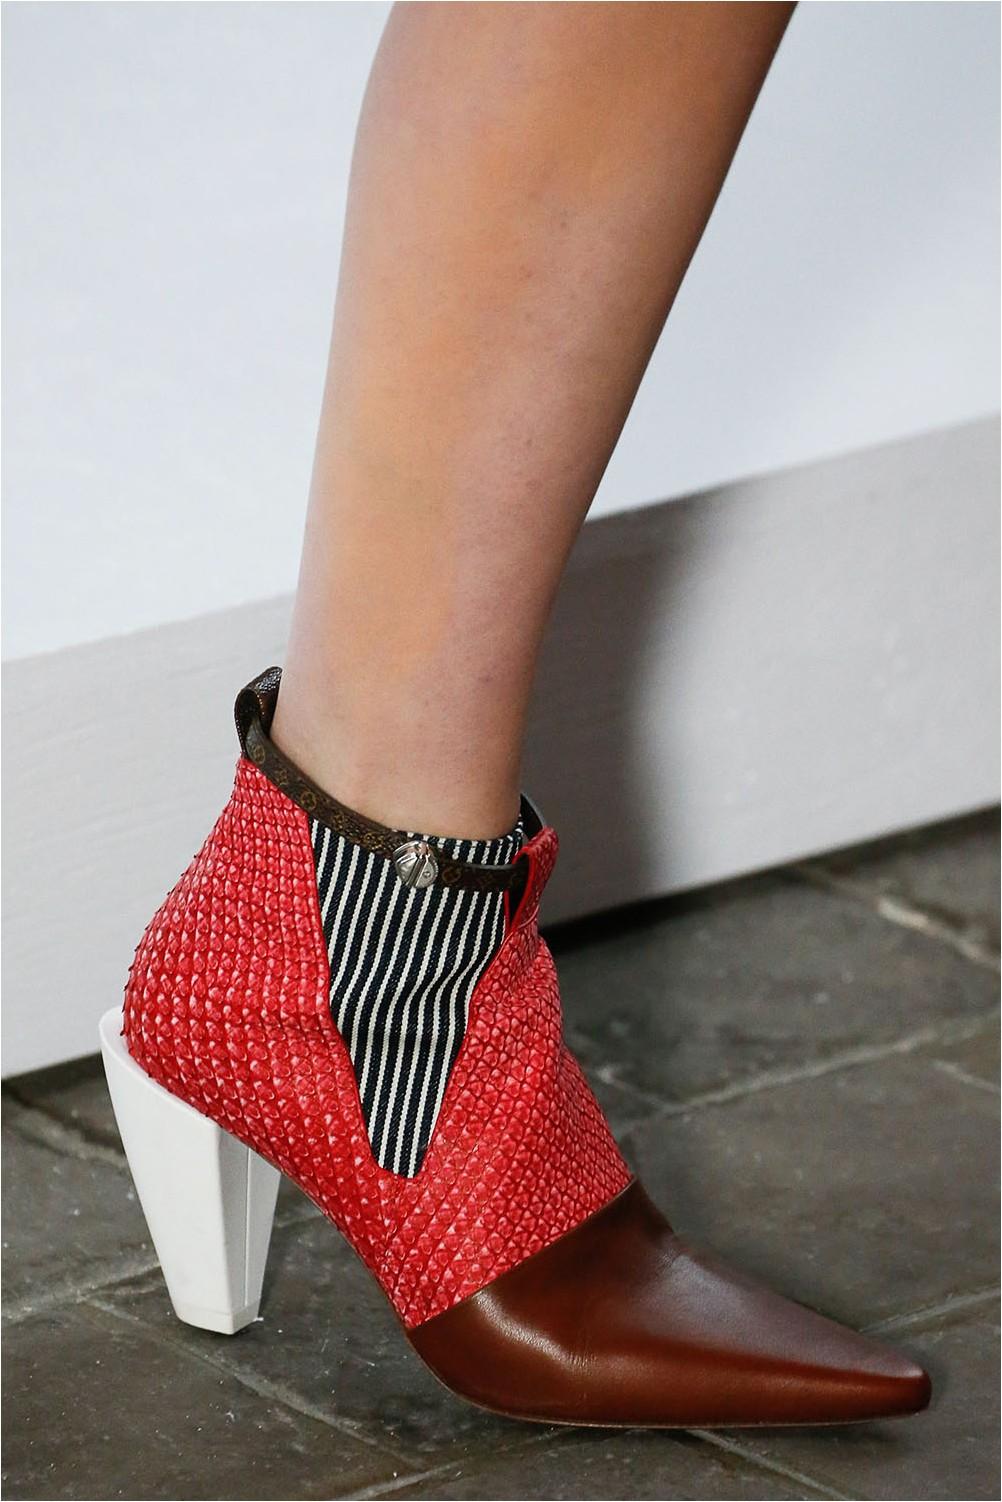 Louis Vuitton combination shoes